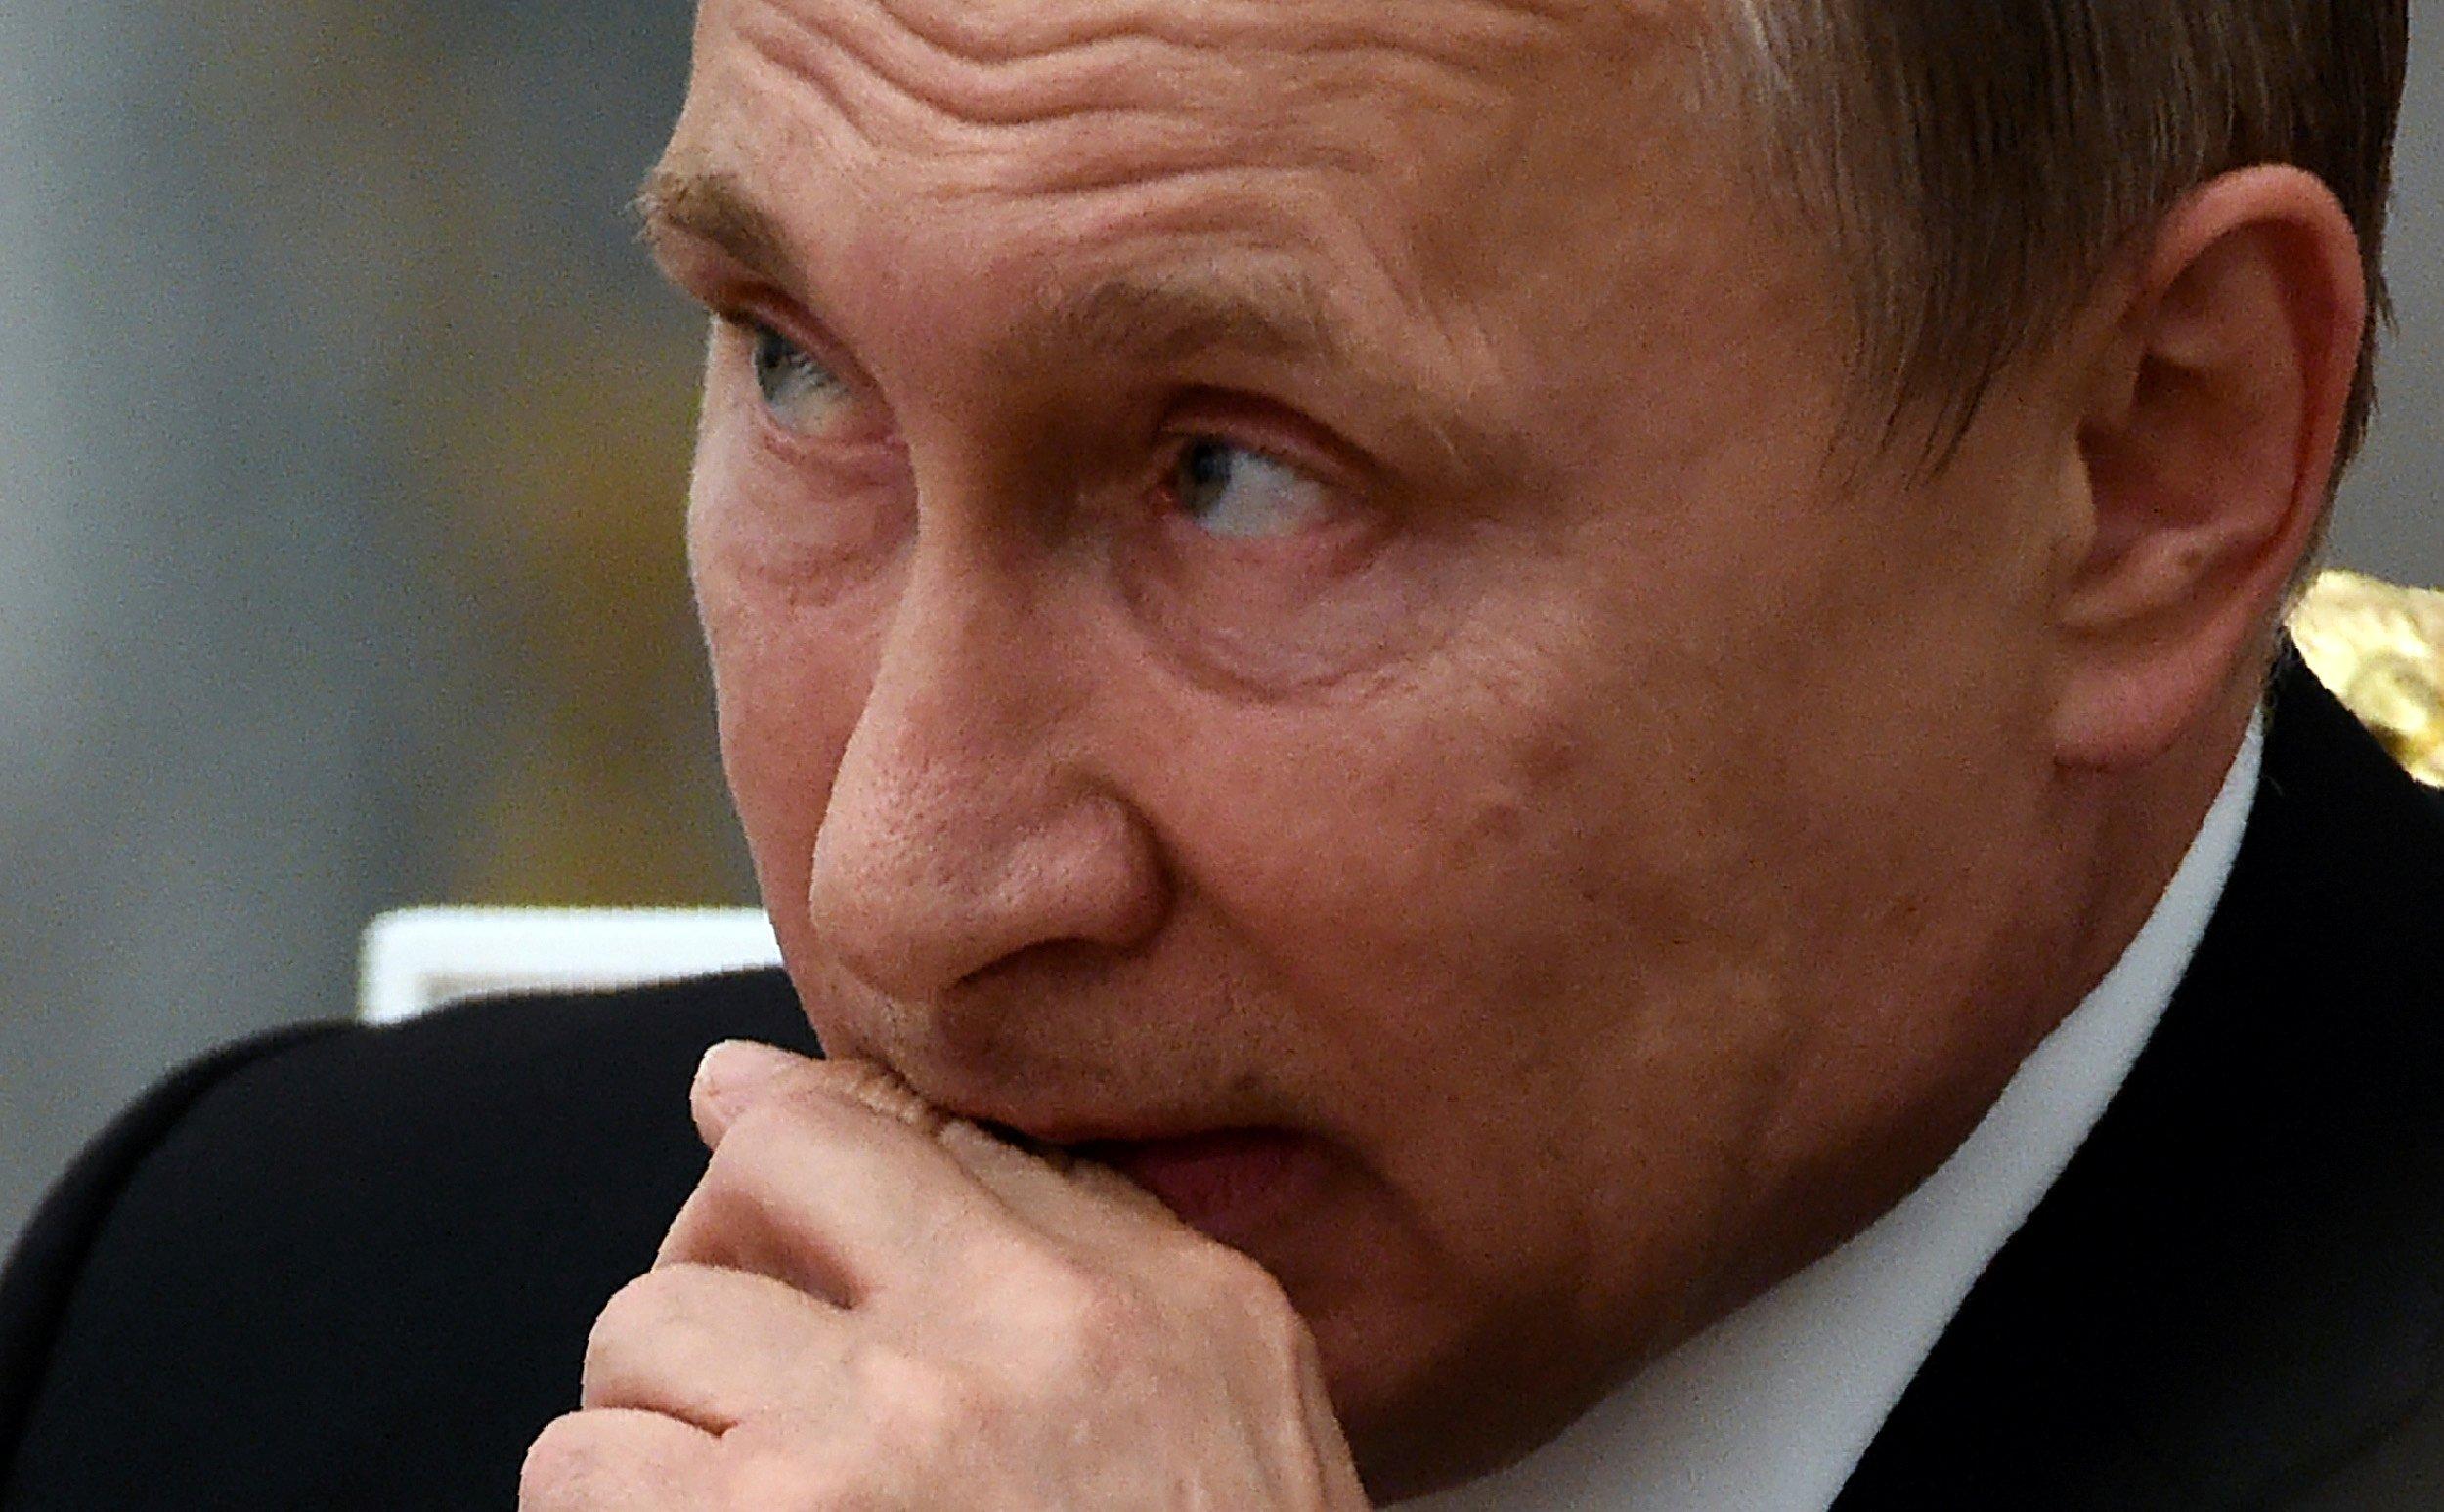 09_14_Putin_Hack_01